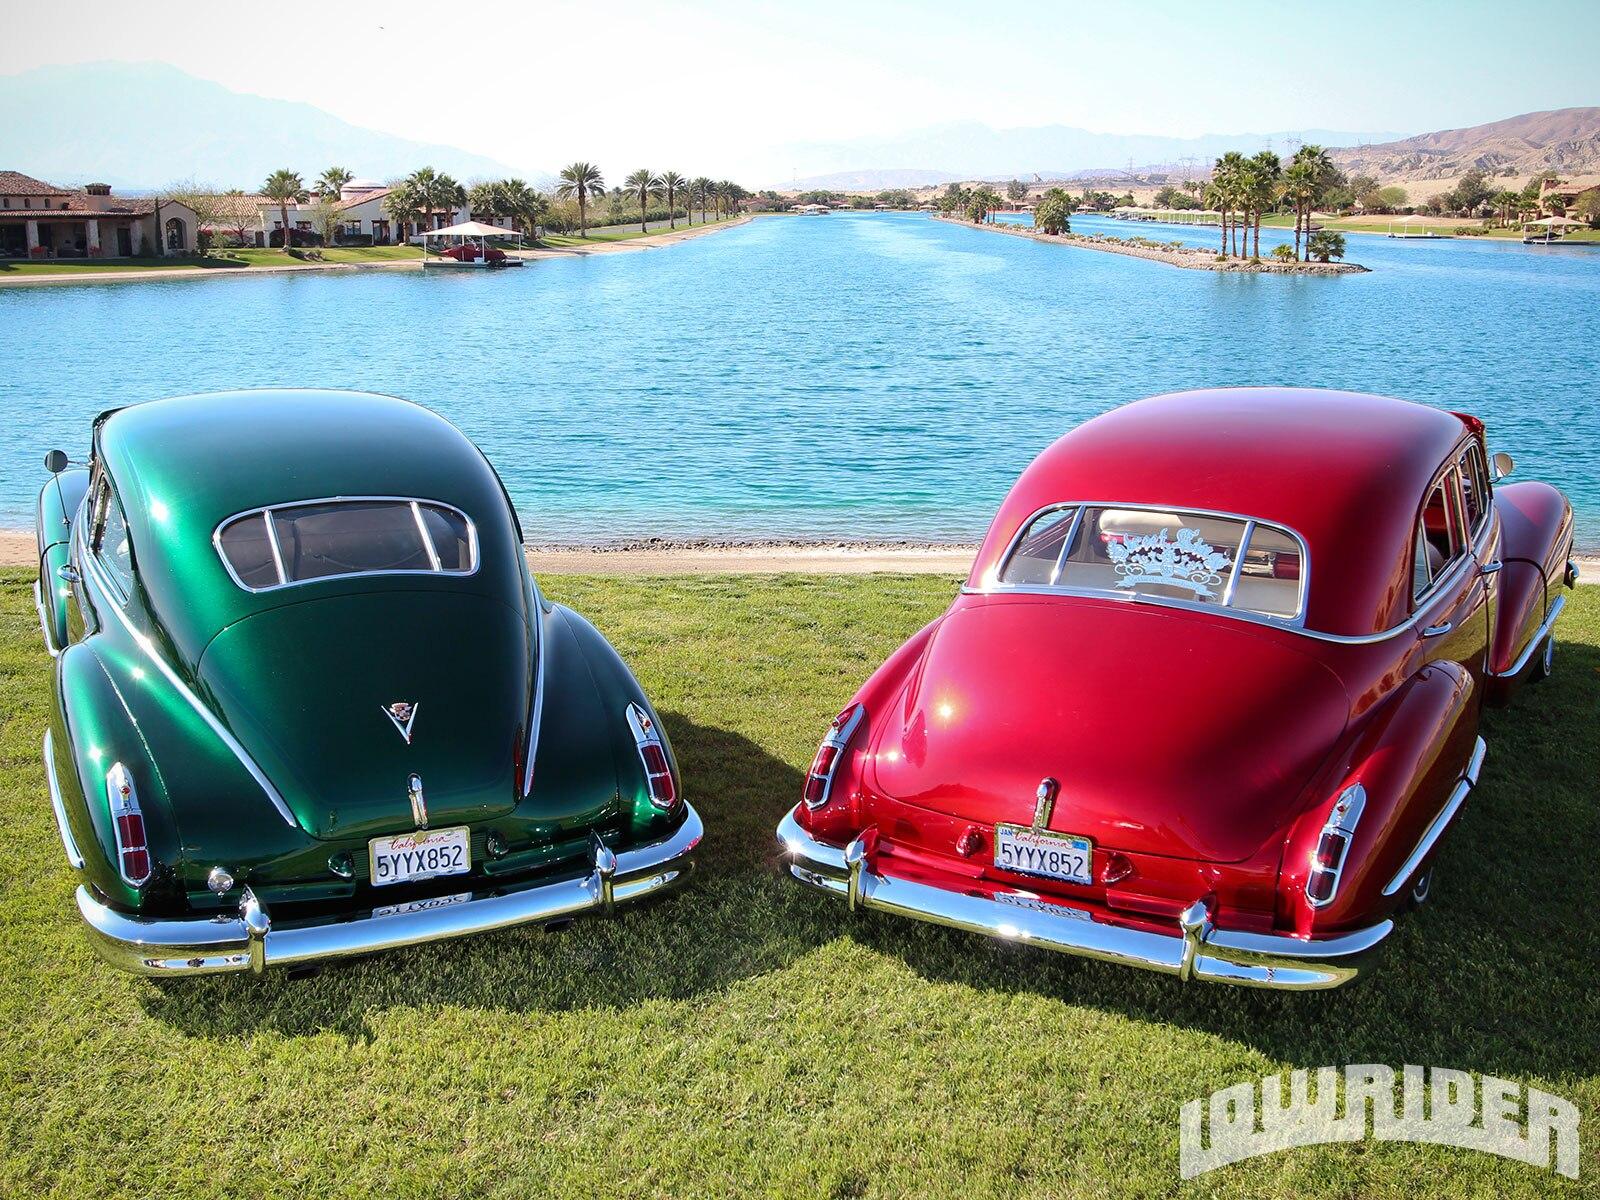 1946 Cadillac Club Coupe 62 Series and 1947 Cadillac Sedan ...  1946 Cadillac C...